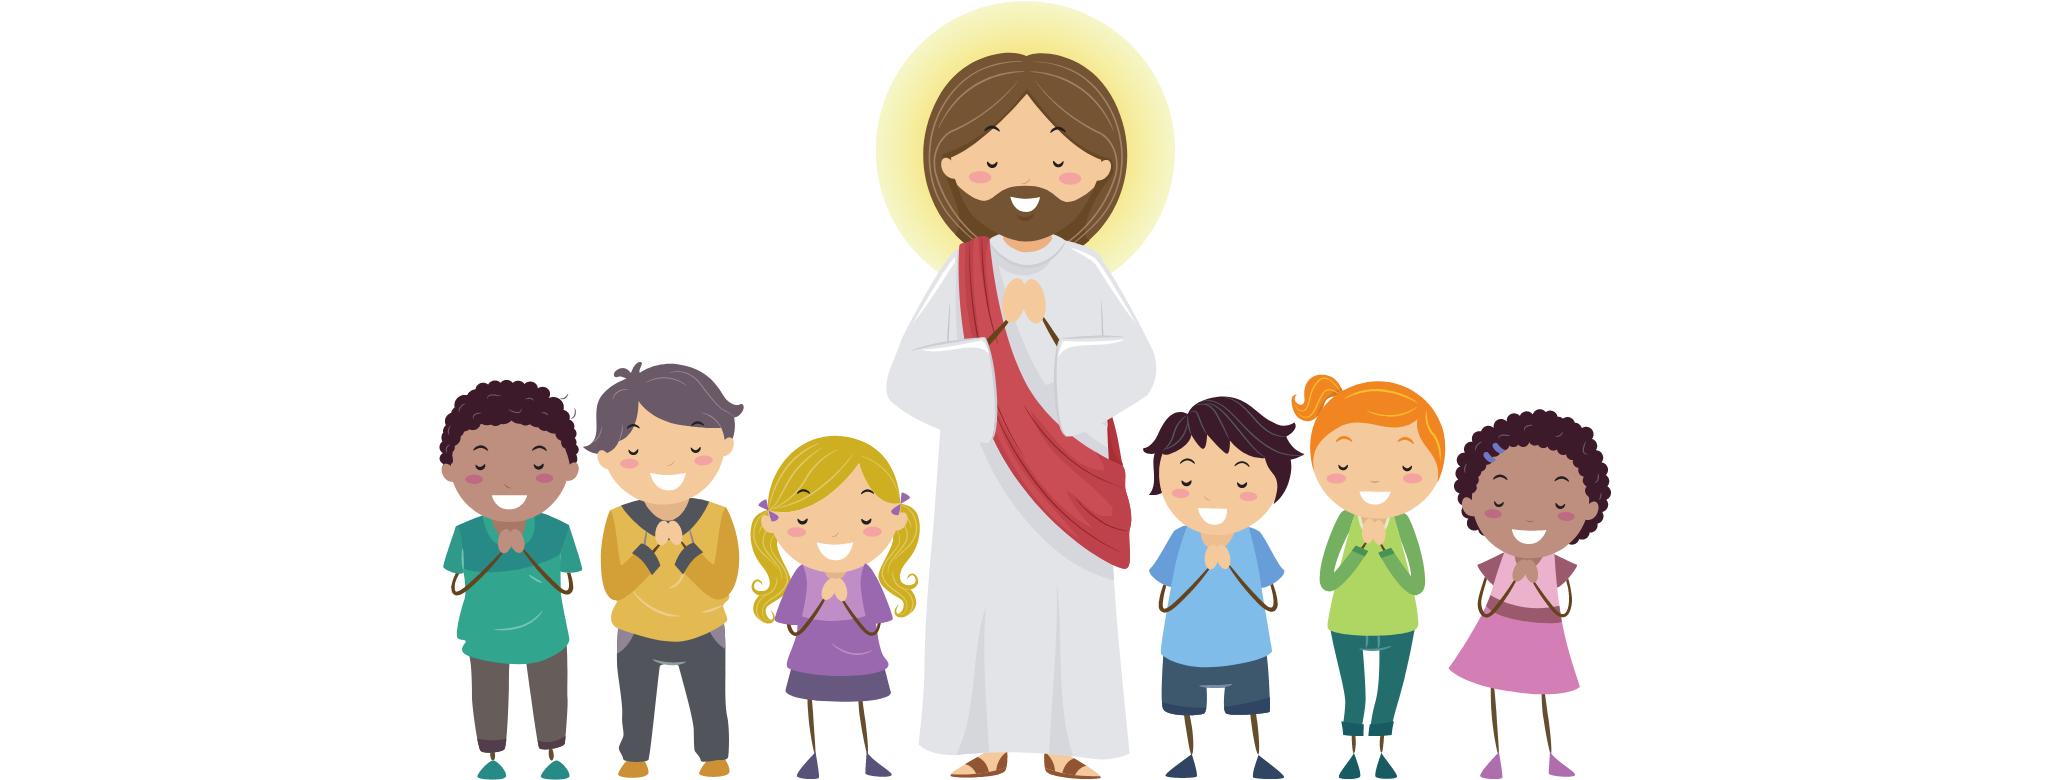 Children's Liturgy (1)